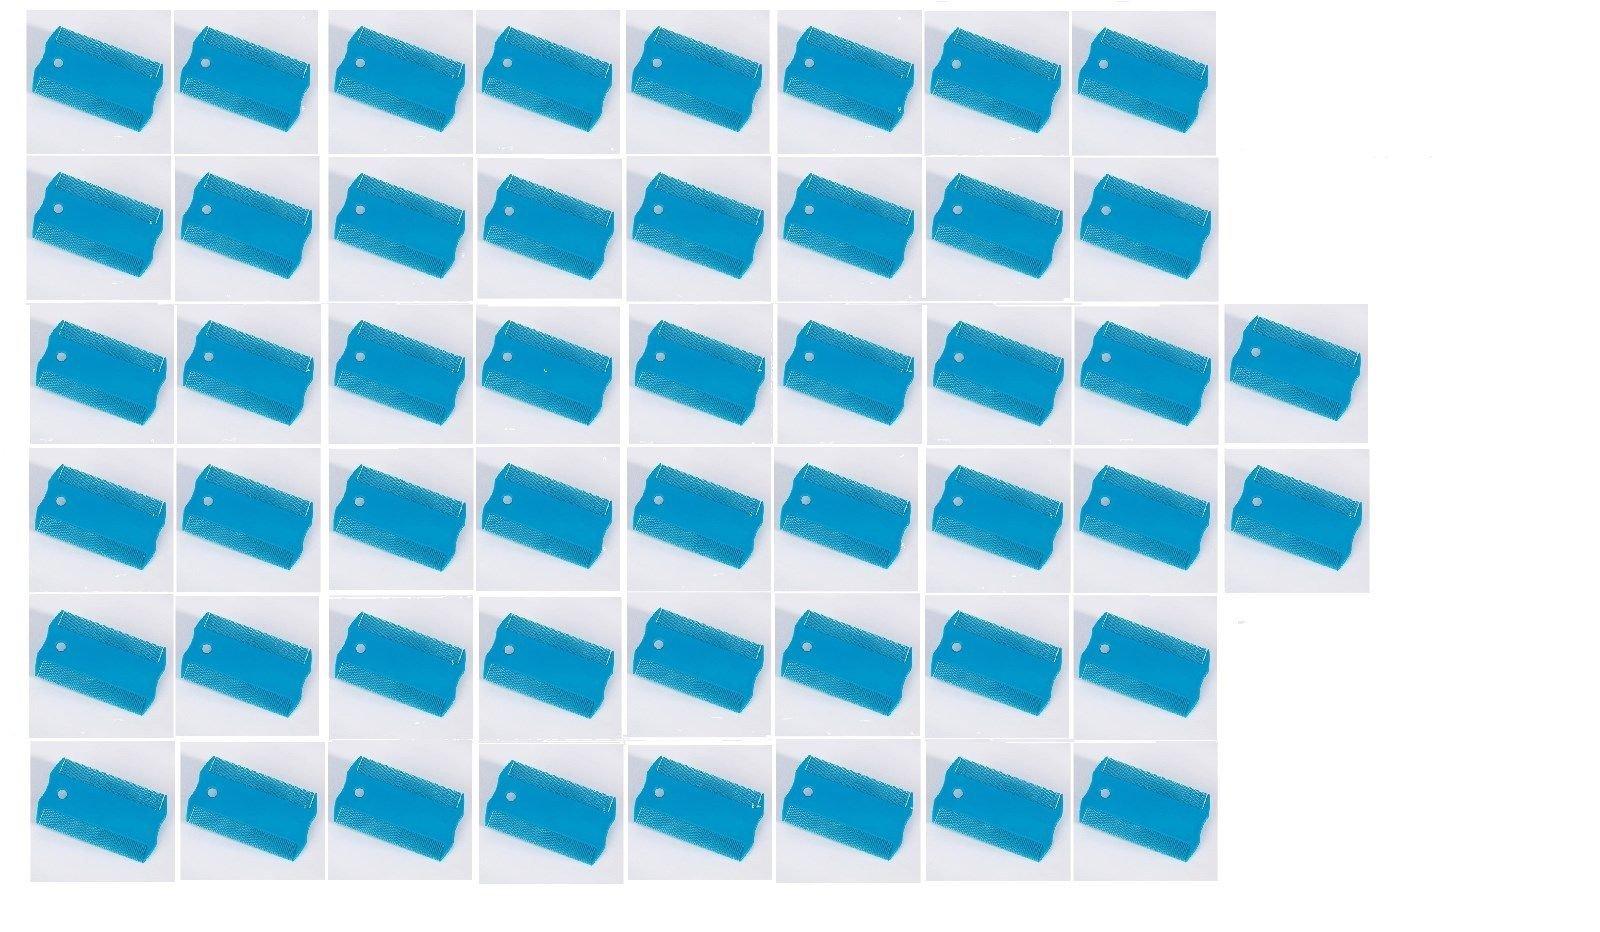 Blue Dog Flea Combs for Dogs Cats & Pets Removes Eggs Debris - Choose Quantity(50 flea combs)